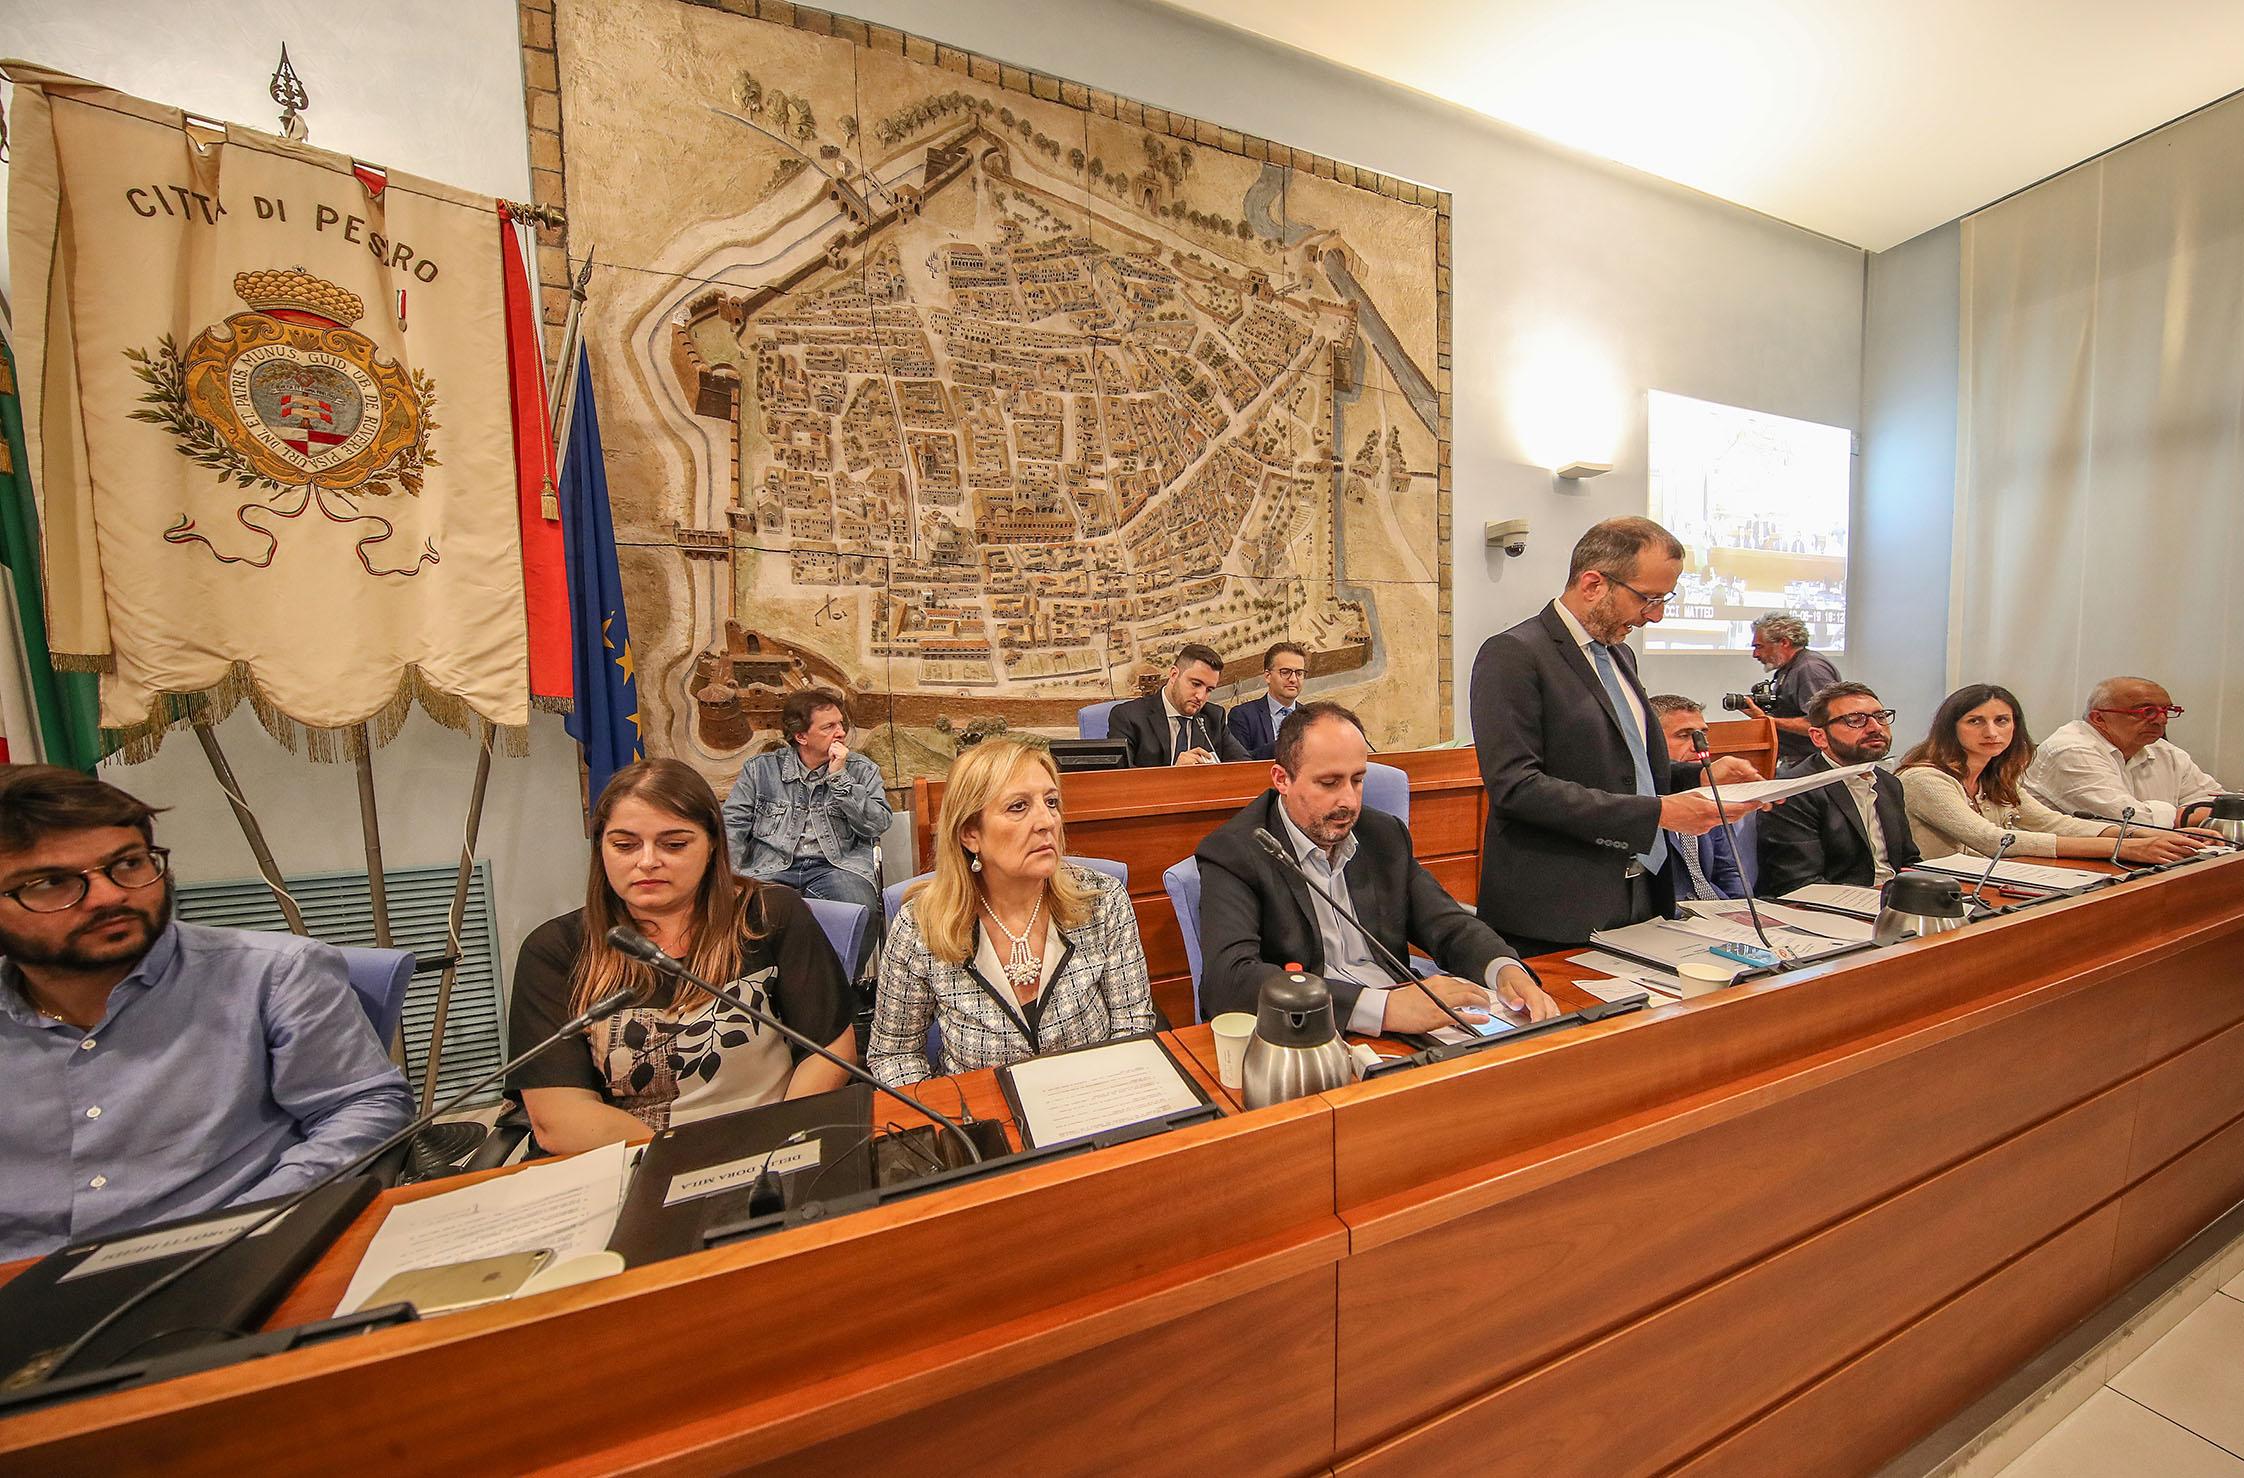 Nuovo ospedale, Ricci va avanti: «Fare presto, la Regione adotti atto fondamentale da cui non si possa più tornare indietro»